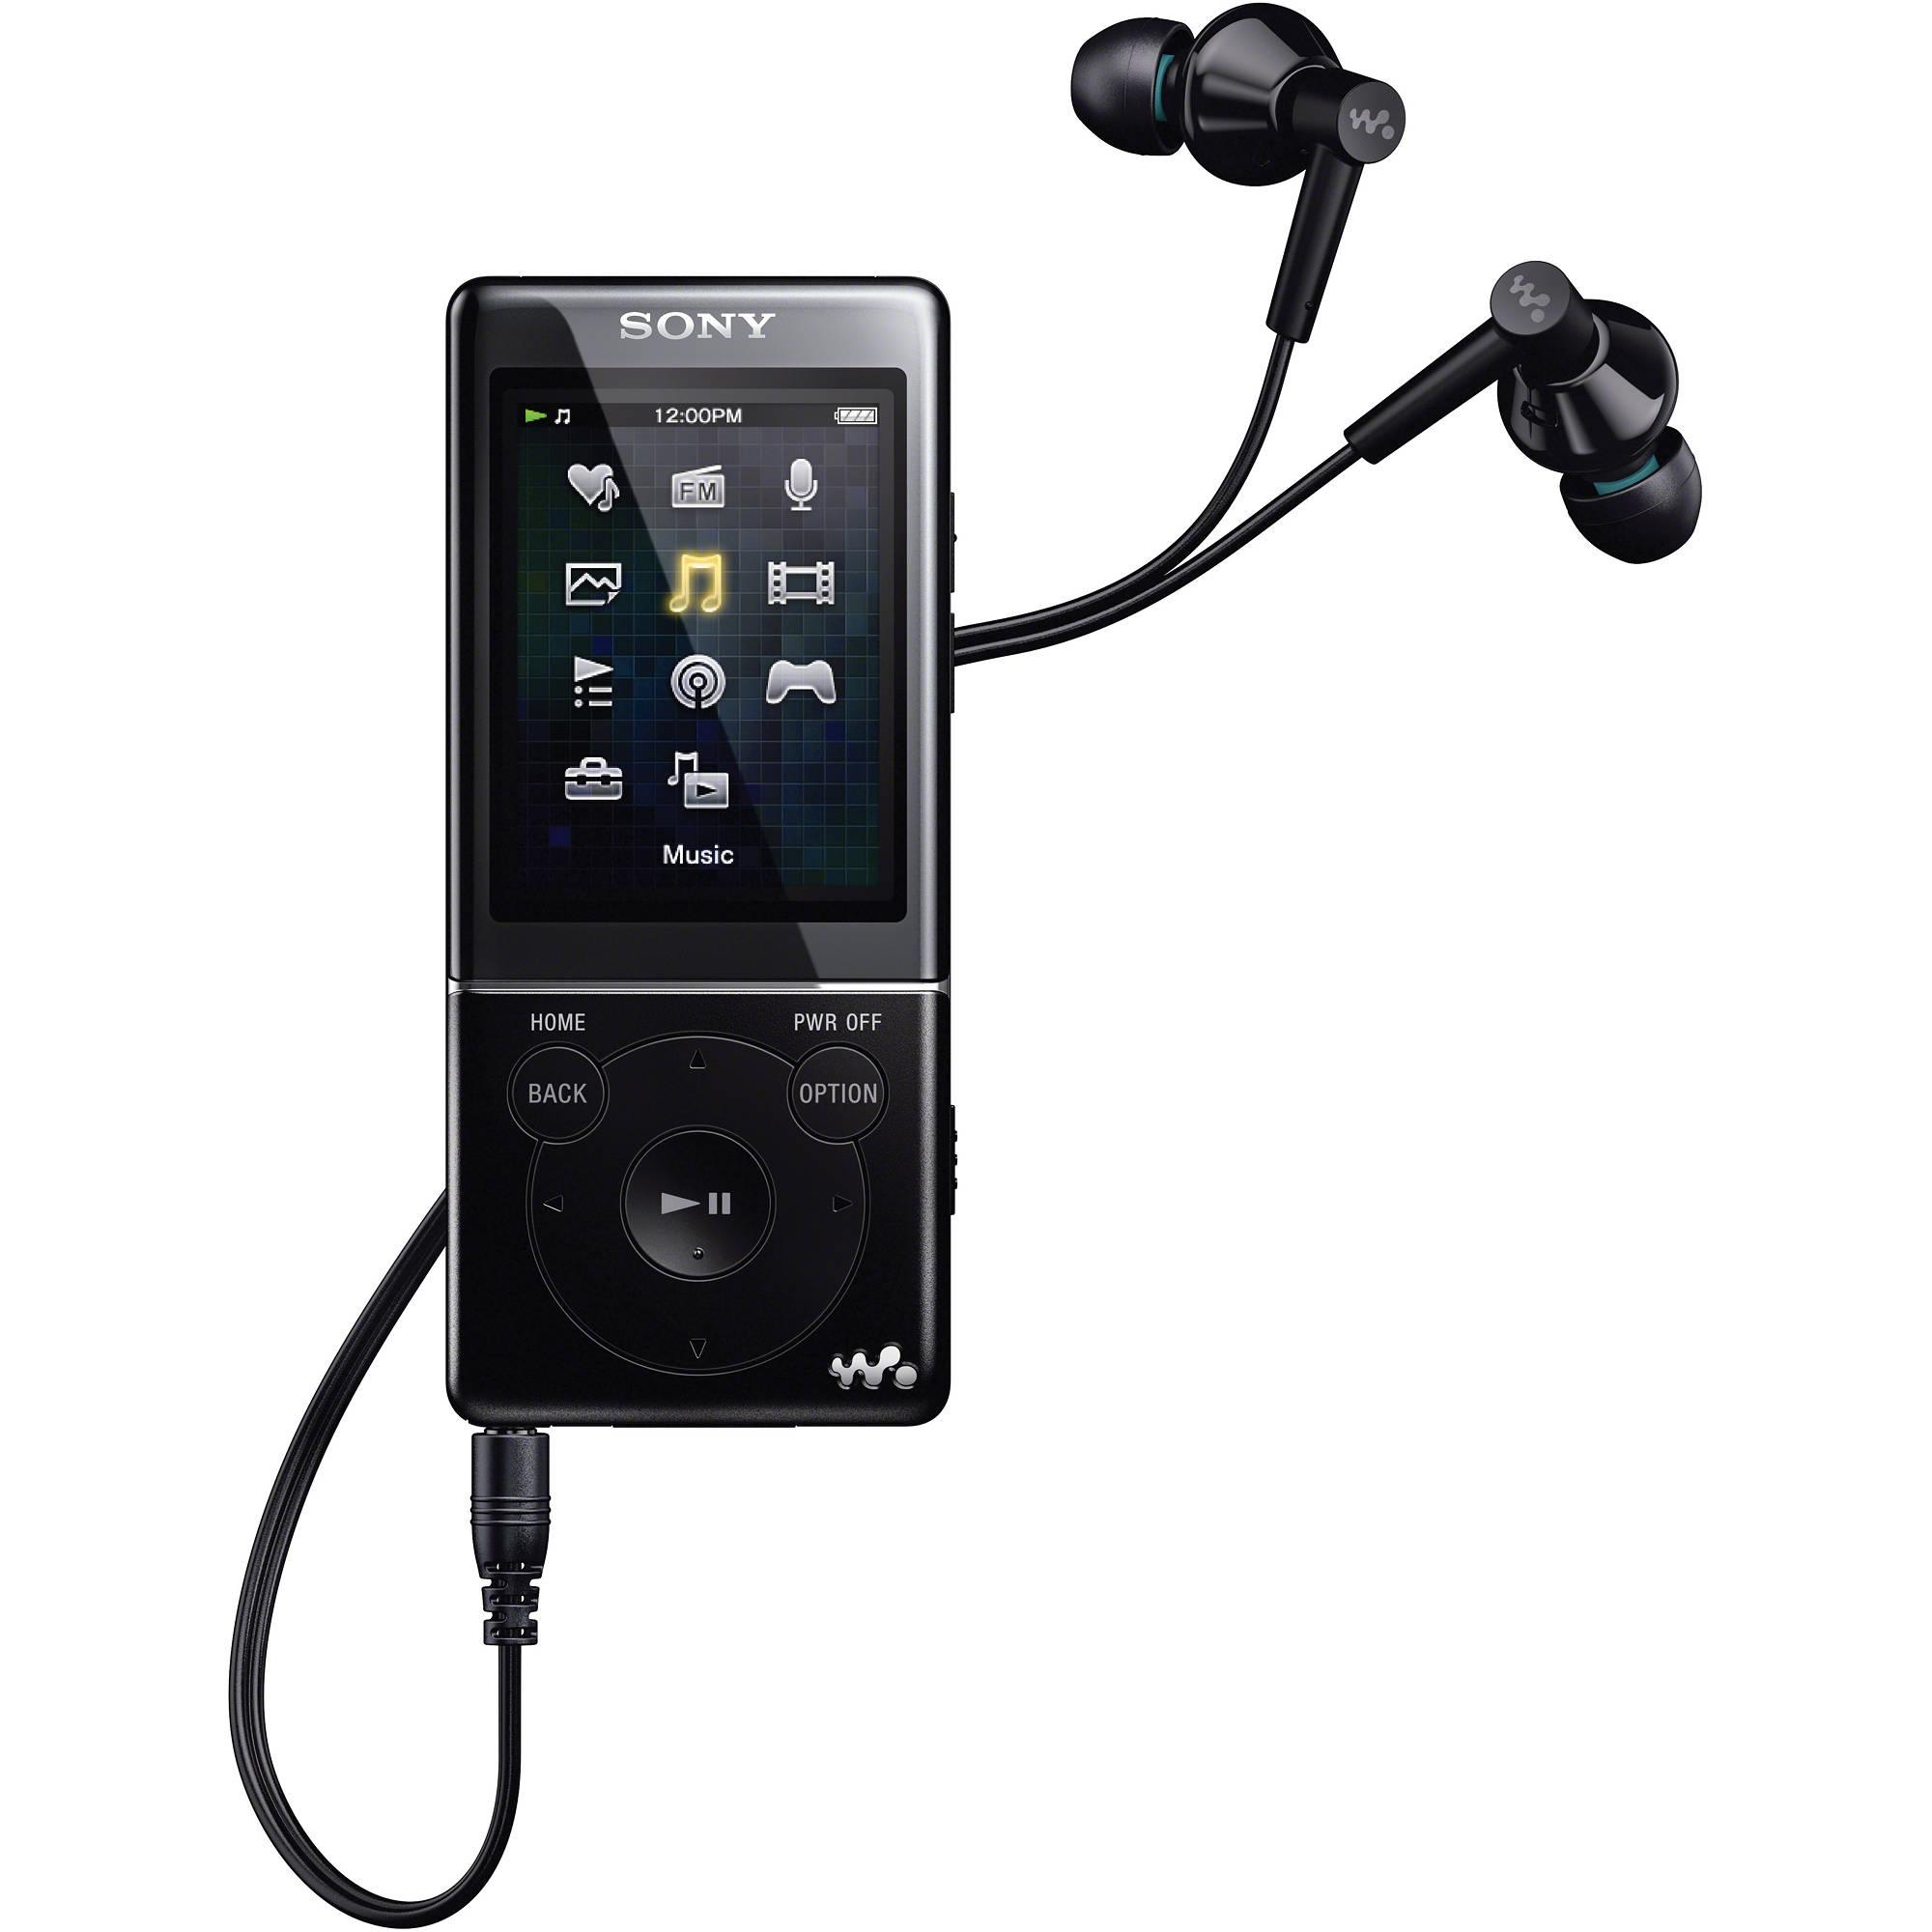 sony 8gb e series walkman video mp3 player black nwze474blk rh bhphotovideo com sony nwze384 8gb walkman mp3 video player manual Sony Walkman MP3 Player Accessories